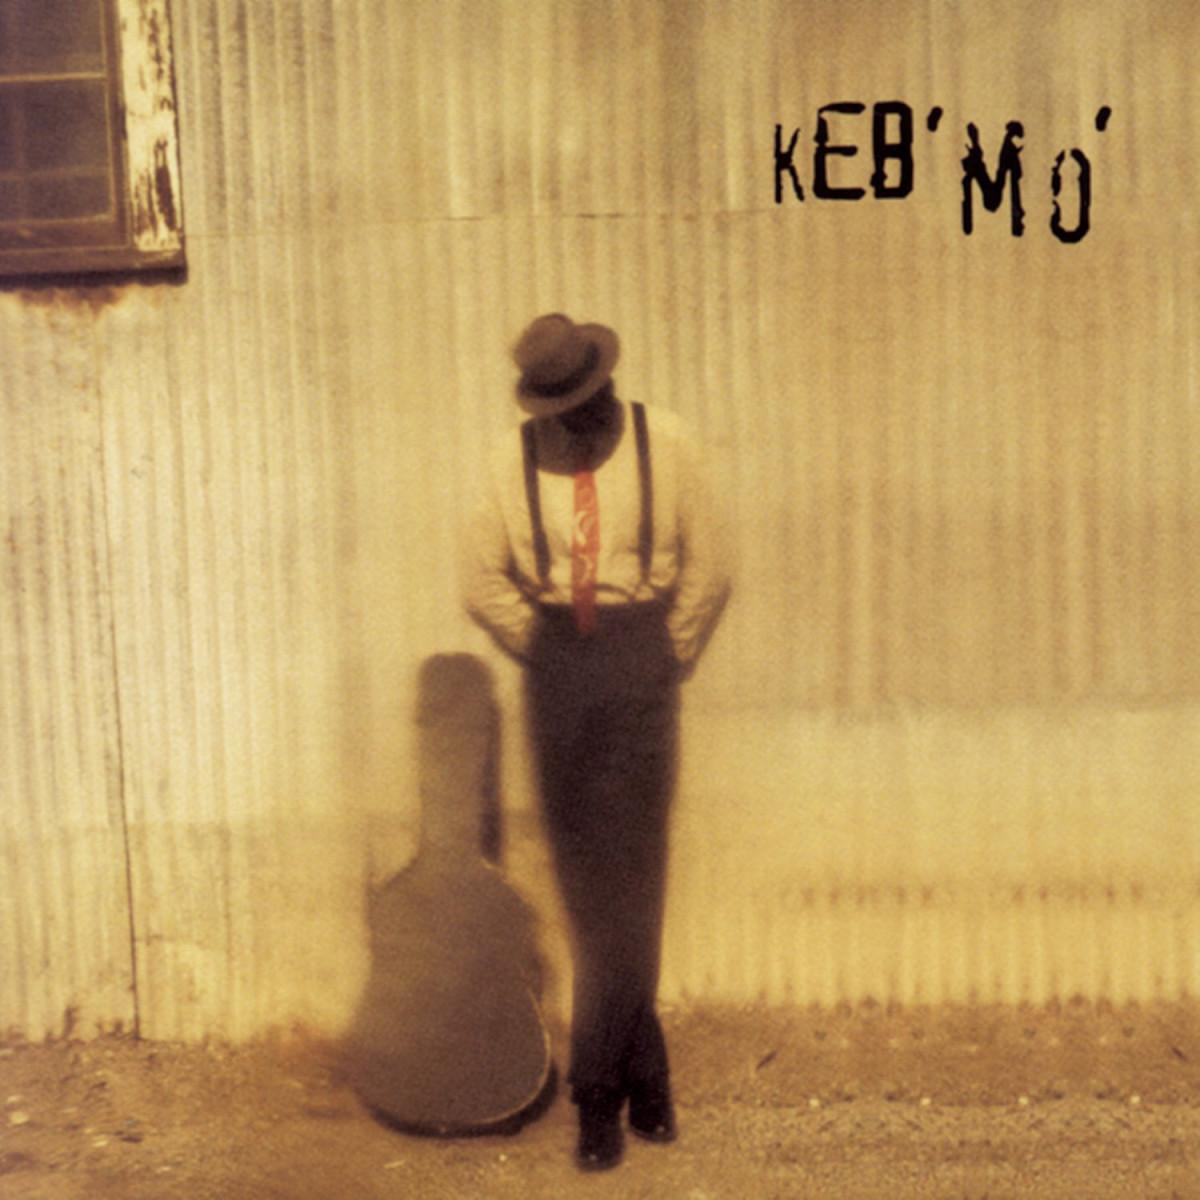 Keb Mo, Keb Mo